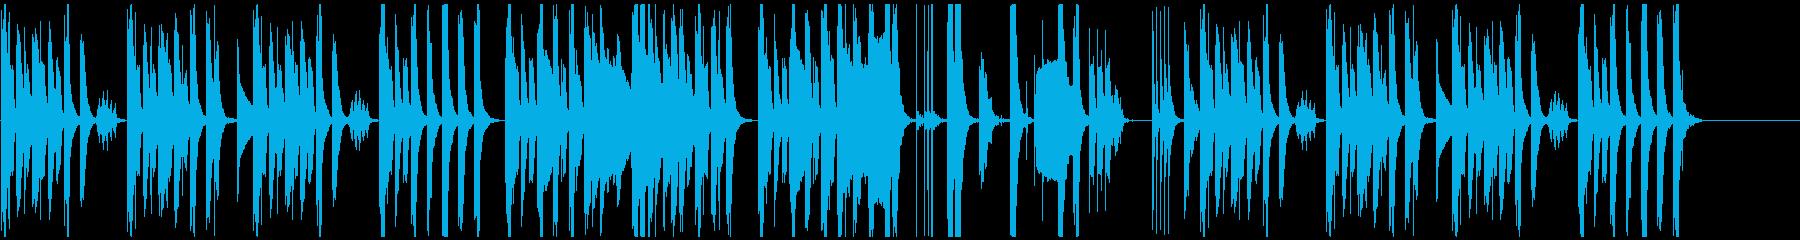 木管楽器と打楽器の日常系コミカル曲の再生済みの波形